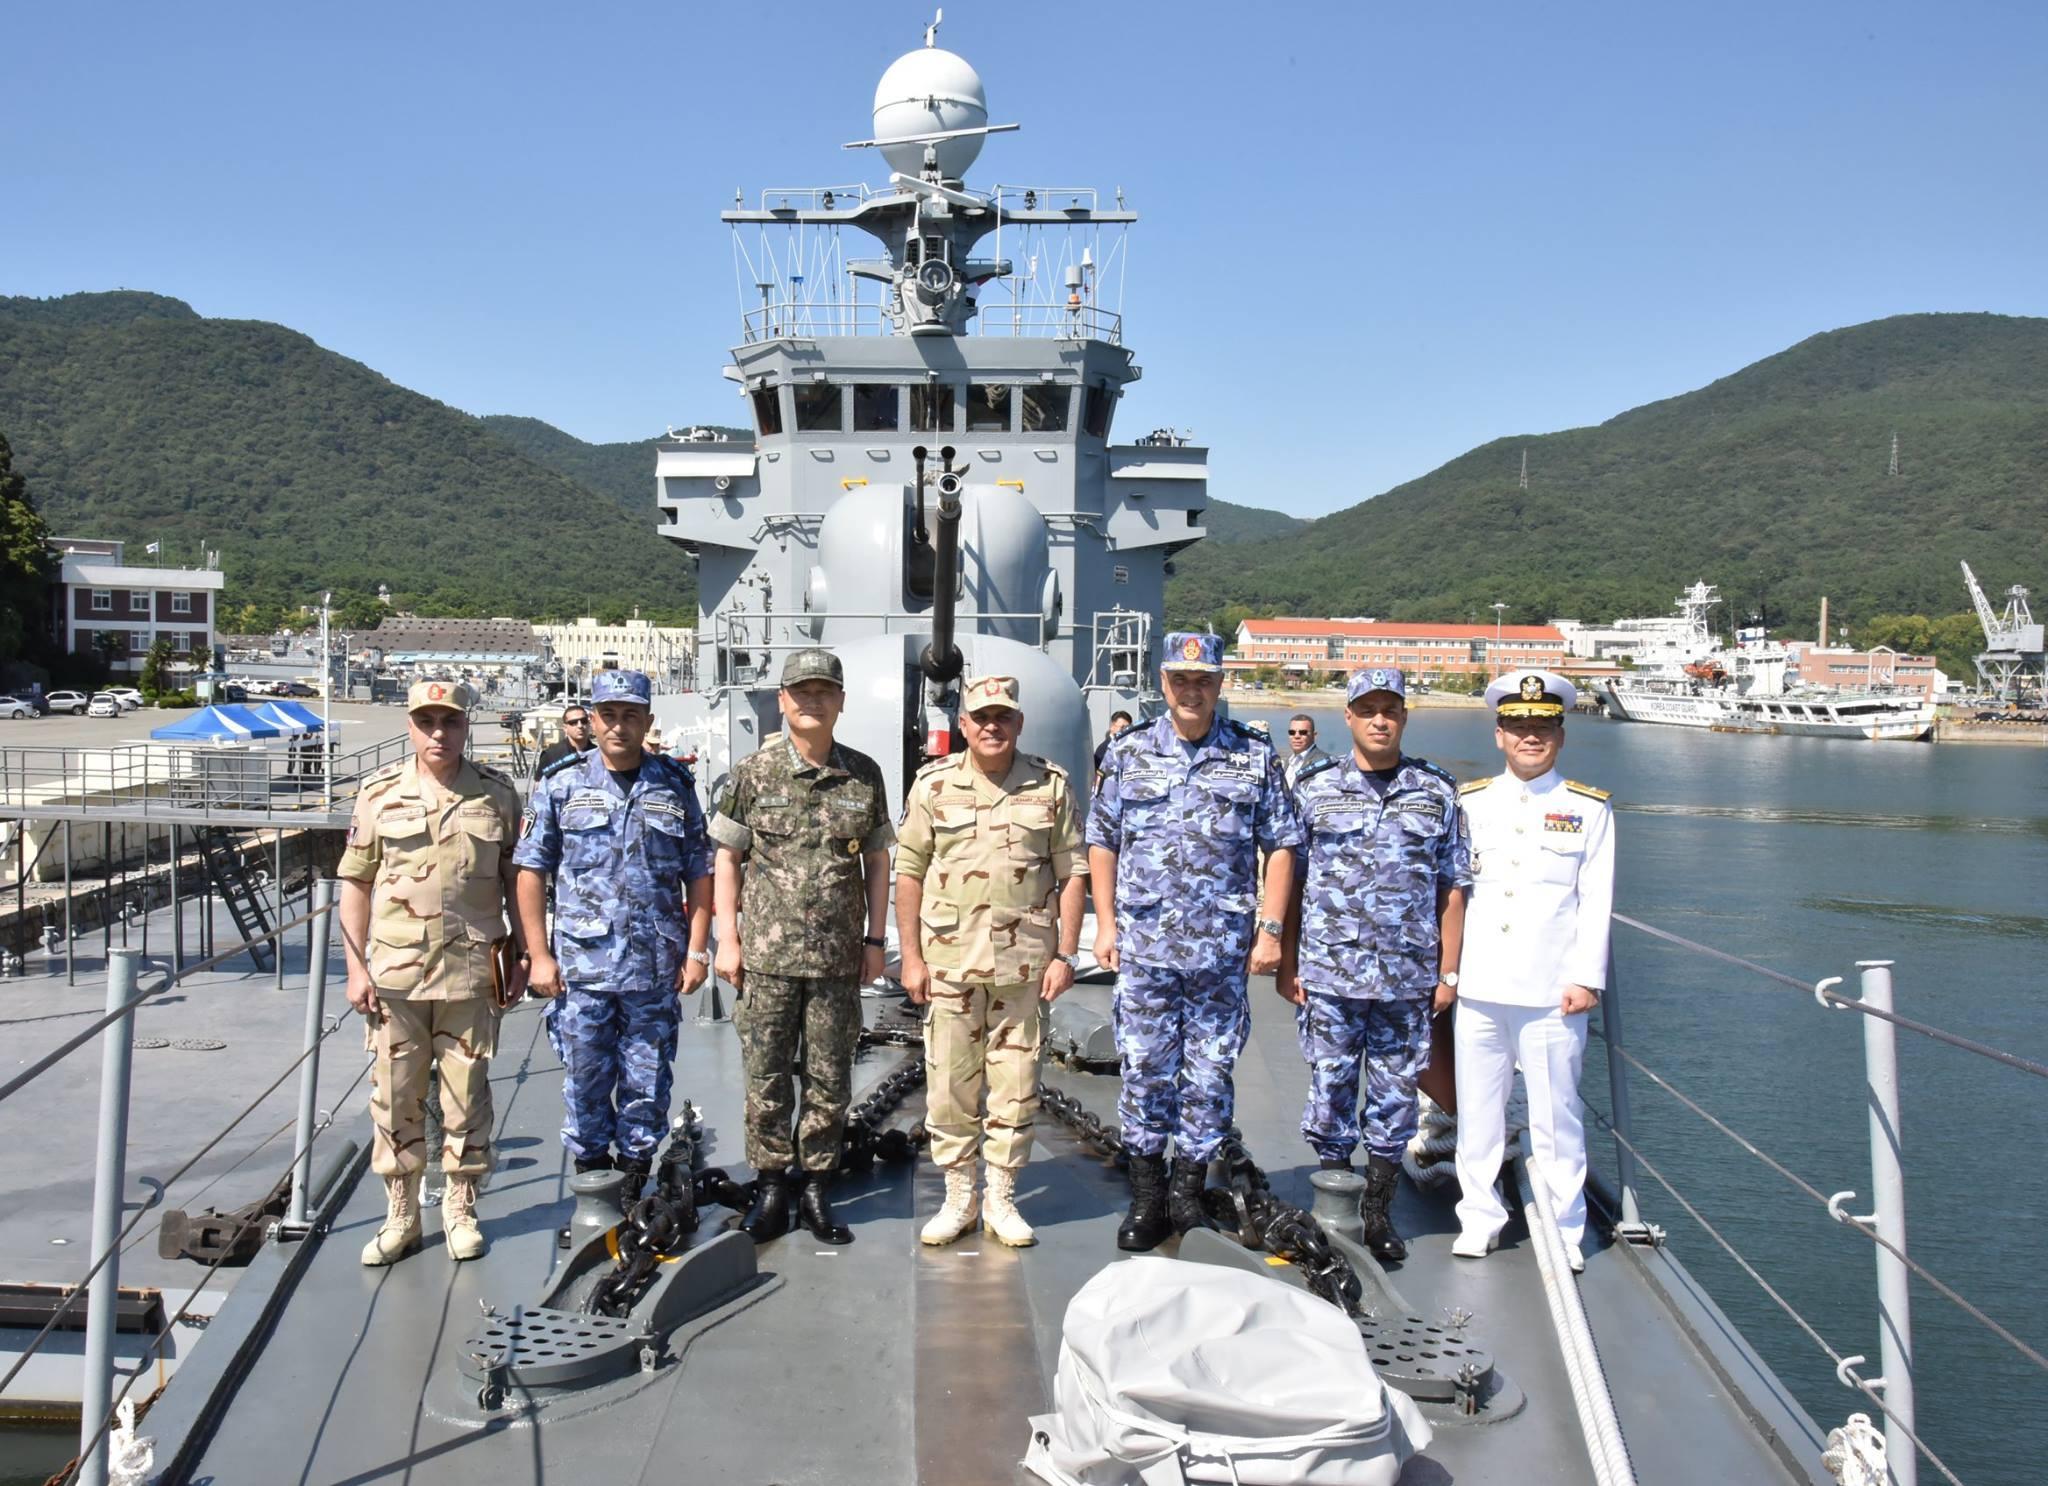 Министр обороны и военной промышленности Египта генерал полковник Седки Собхи на борту передаваемого Египту выведенного из состава ВМС Южной Кореи корвета PCC 763 Jinju (типа Pohang), сентябрь 2017 года.